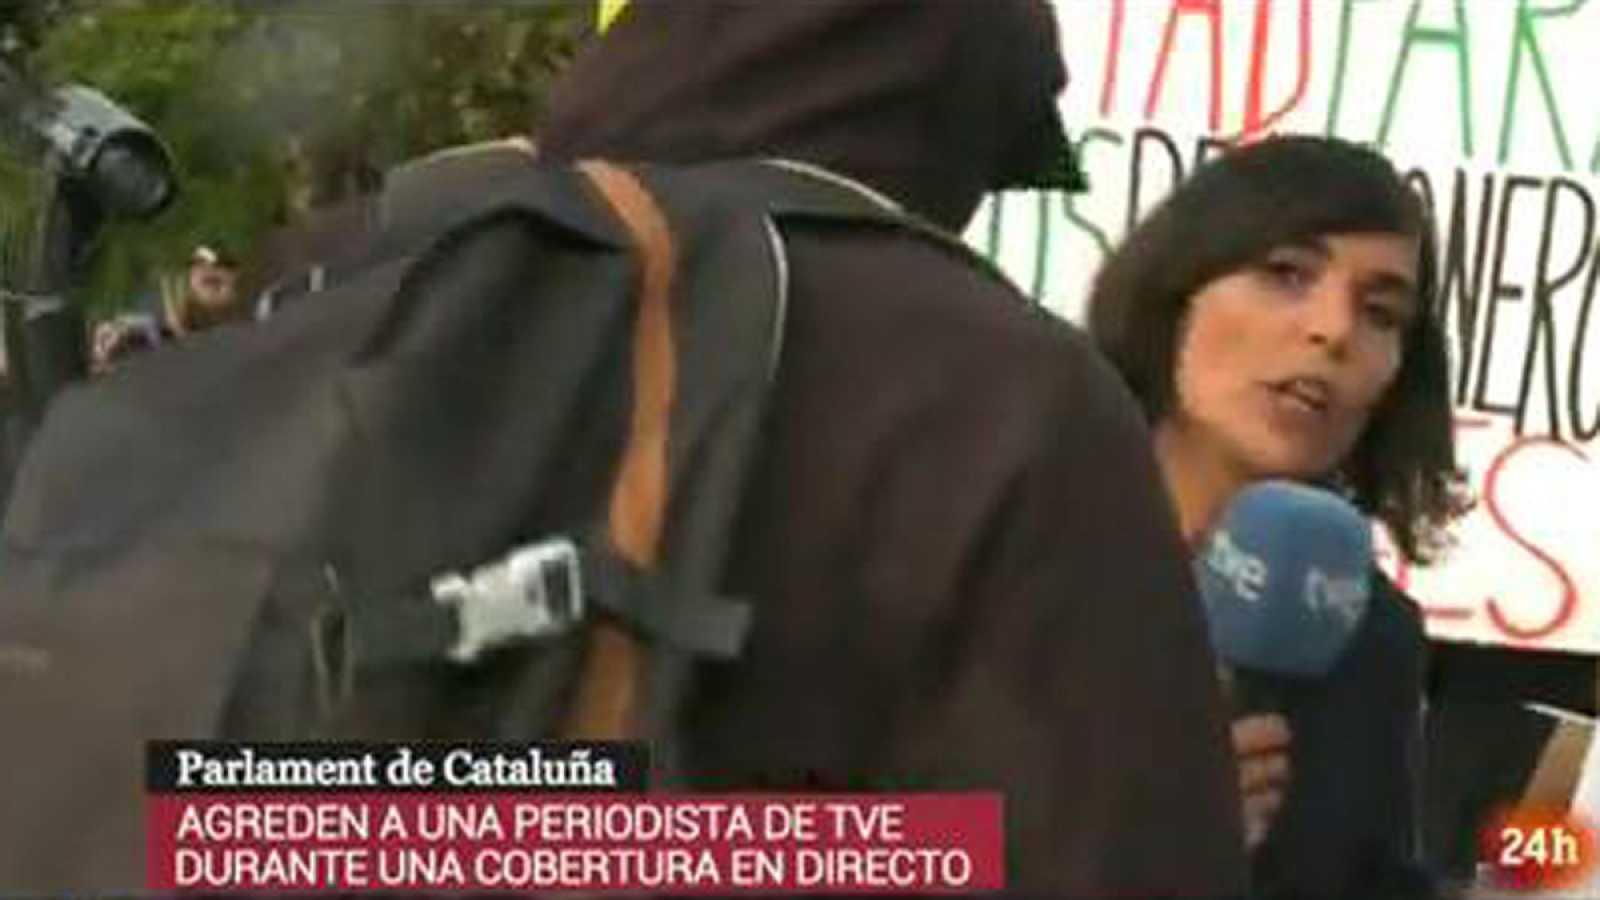 Agreden a una periodista de TVE durante la cobertura de la manifestación de la Diada